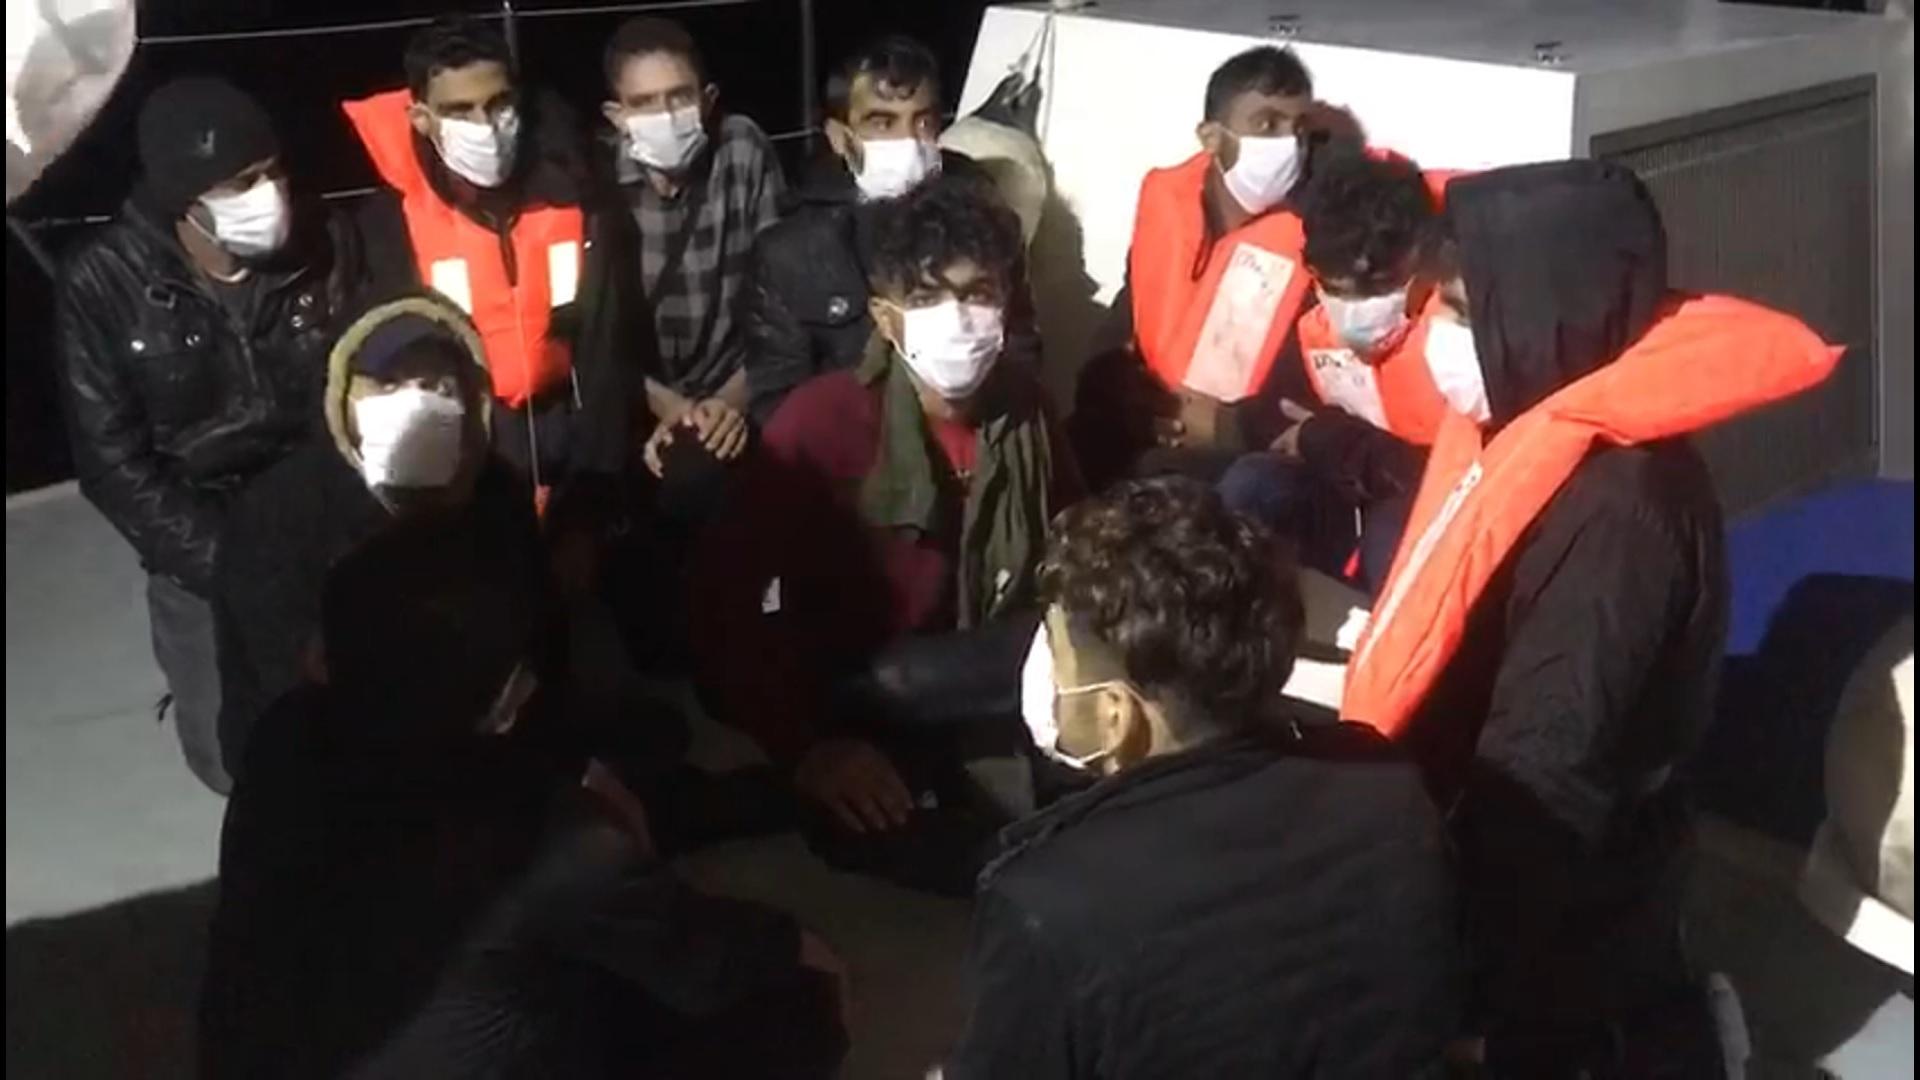 Batan teknedeki göçmenler son anda kurtarıldı